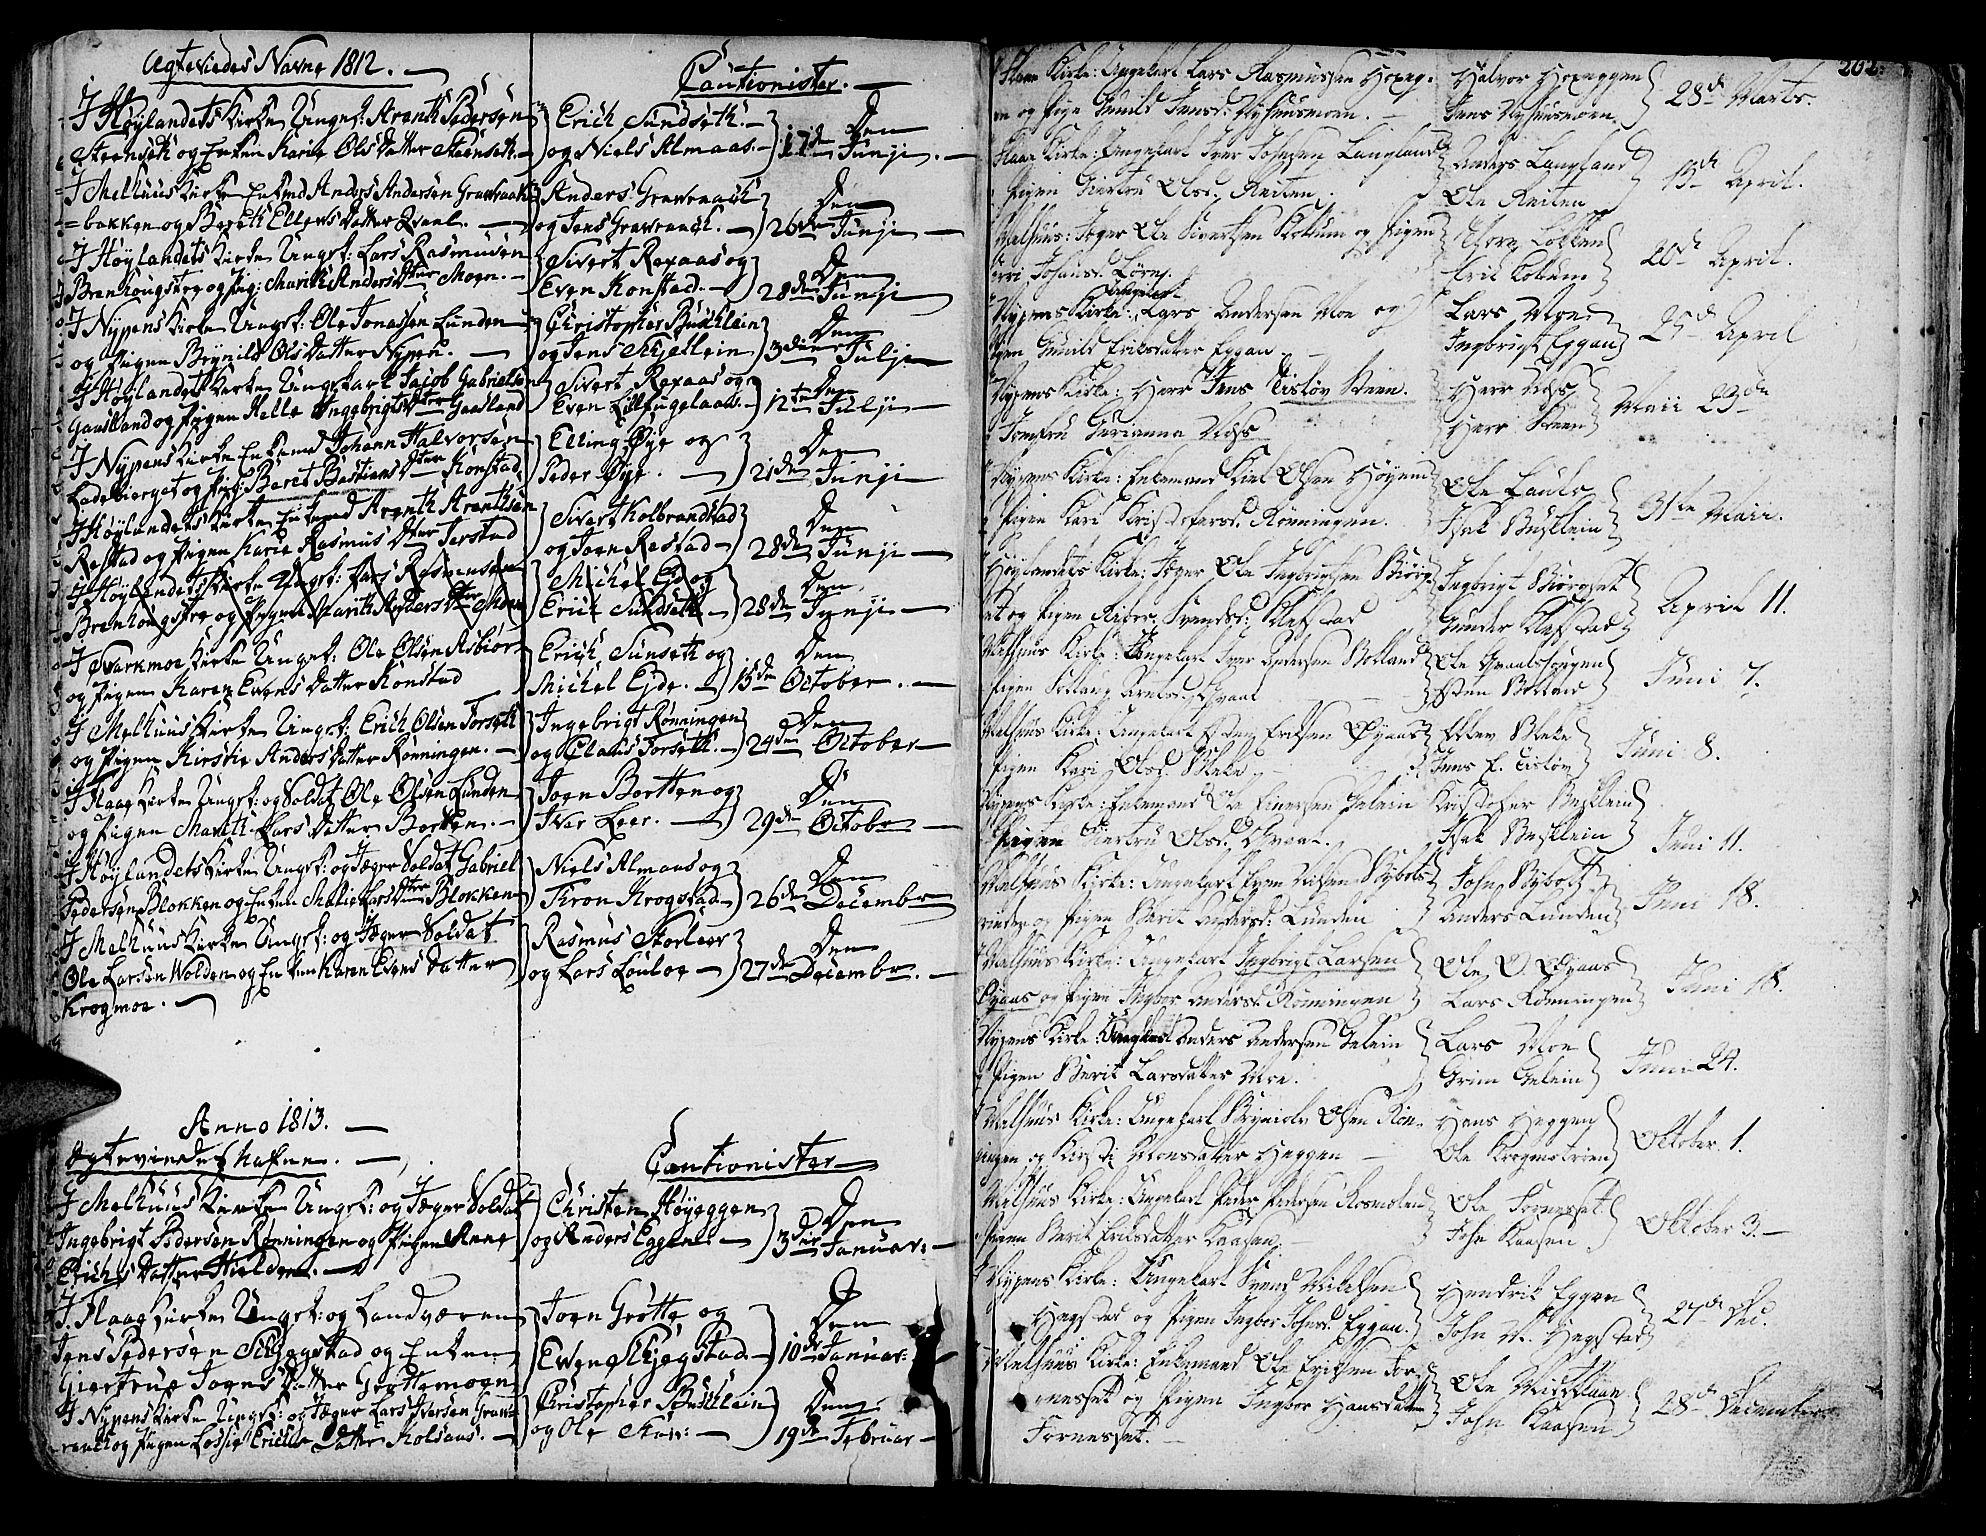 SAT, Ministerialprotokoller, klokkerbøker og fødselsregistre - Sør-Trøndelag, 691/L1061: Ministerialbok nr. 691A02 /1, 1768-1815, s. 202